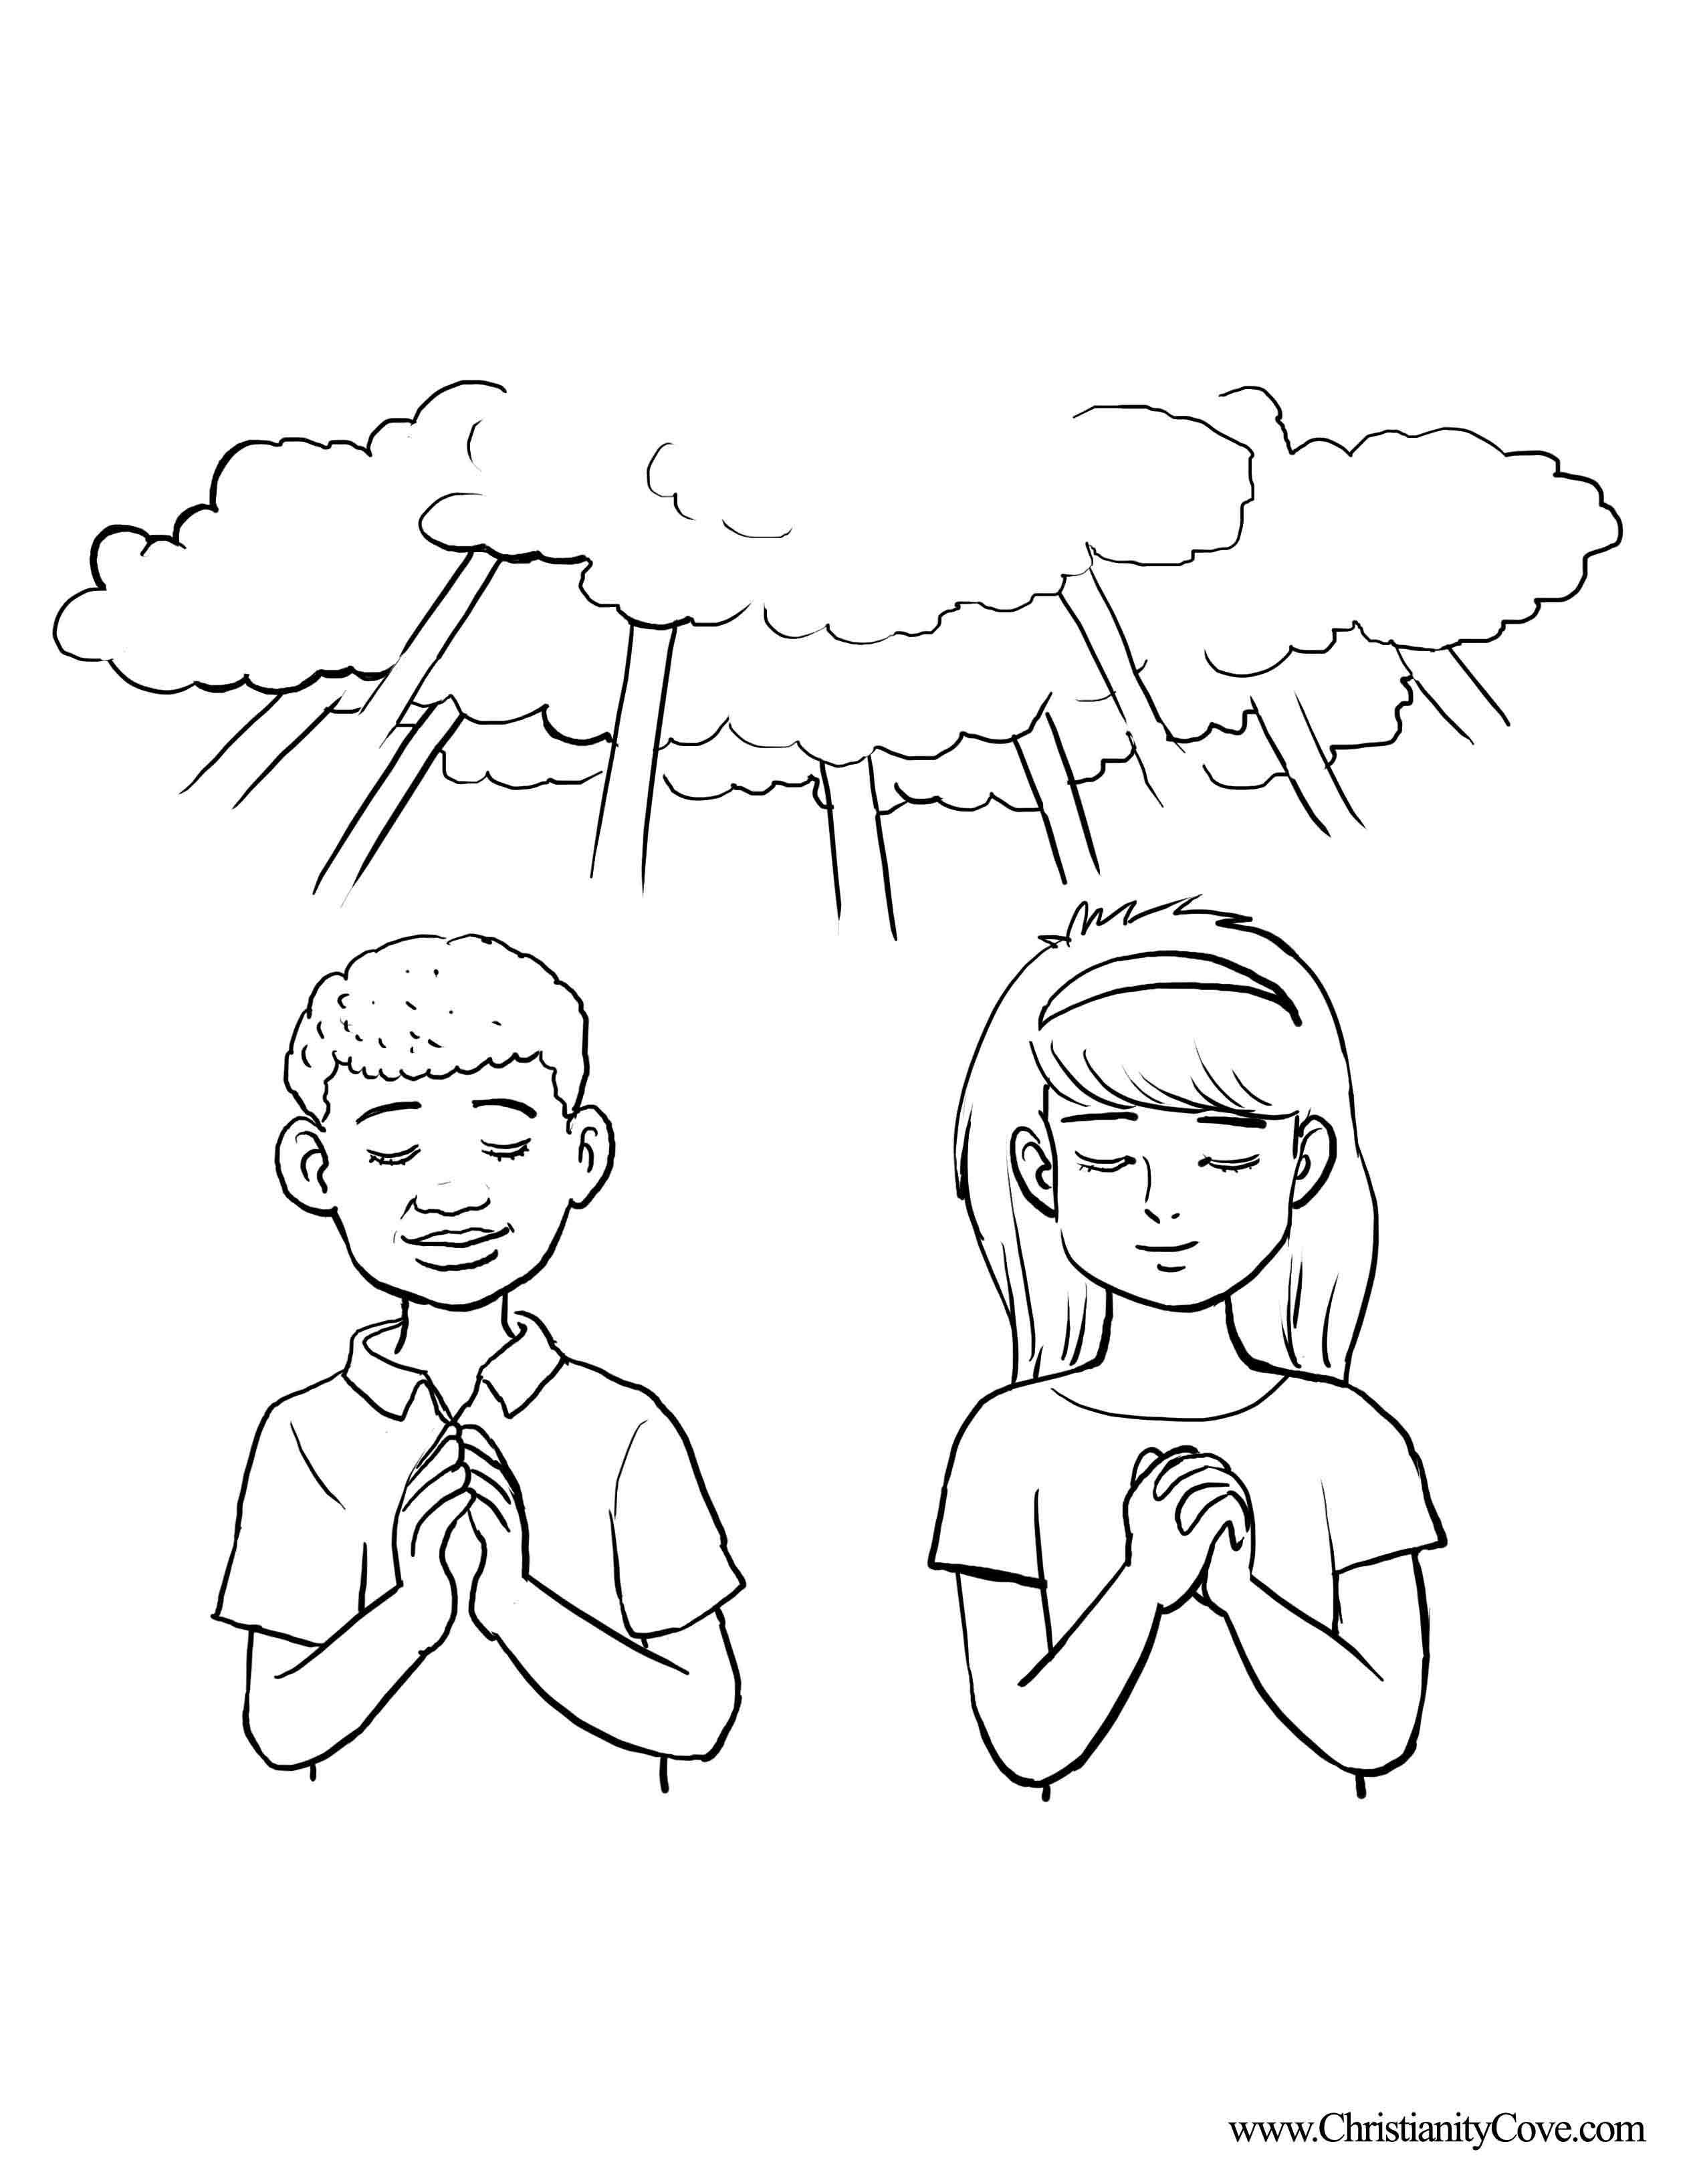 Praying Child Drawing At Getdrawings